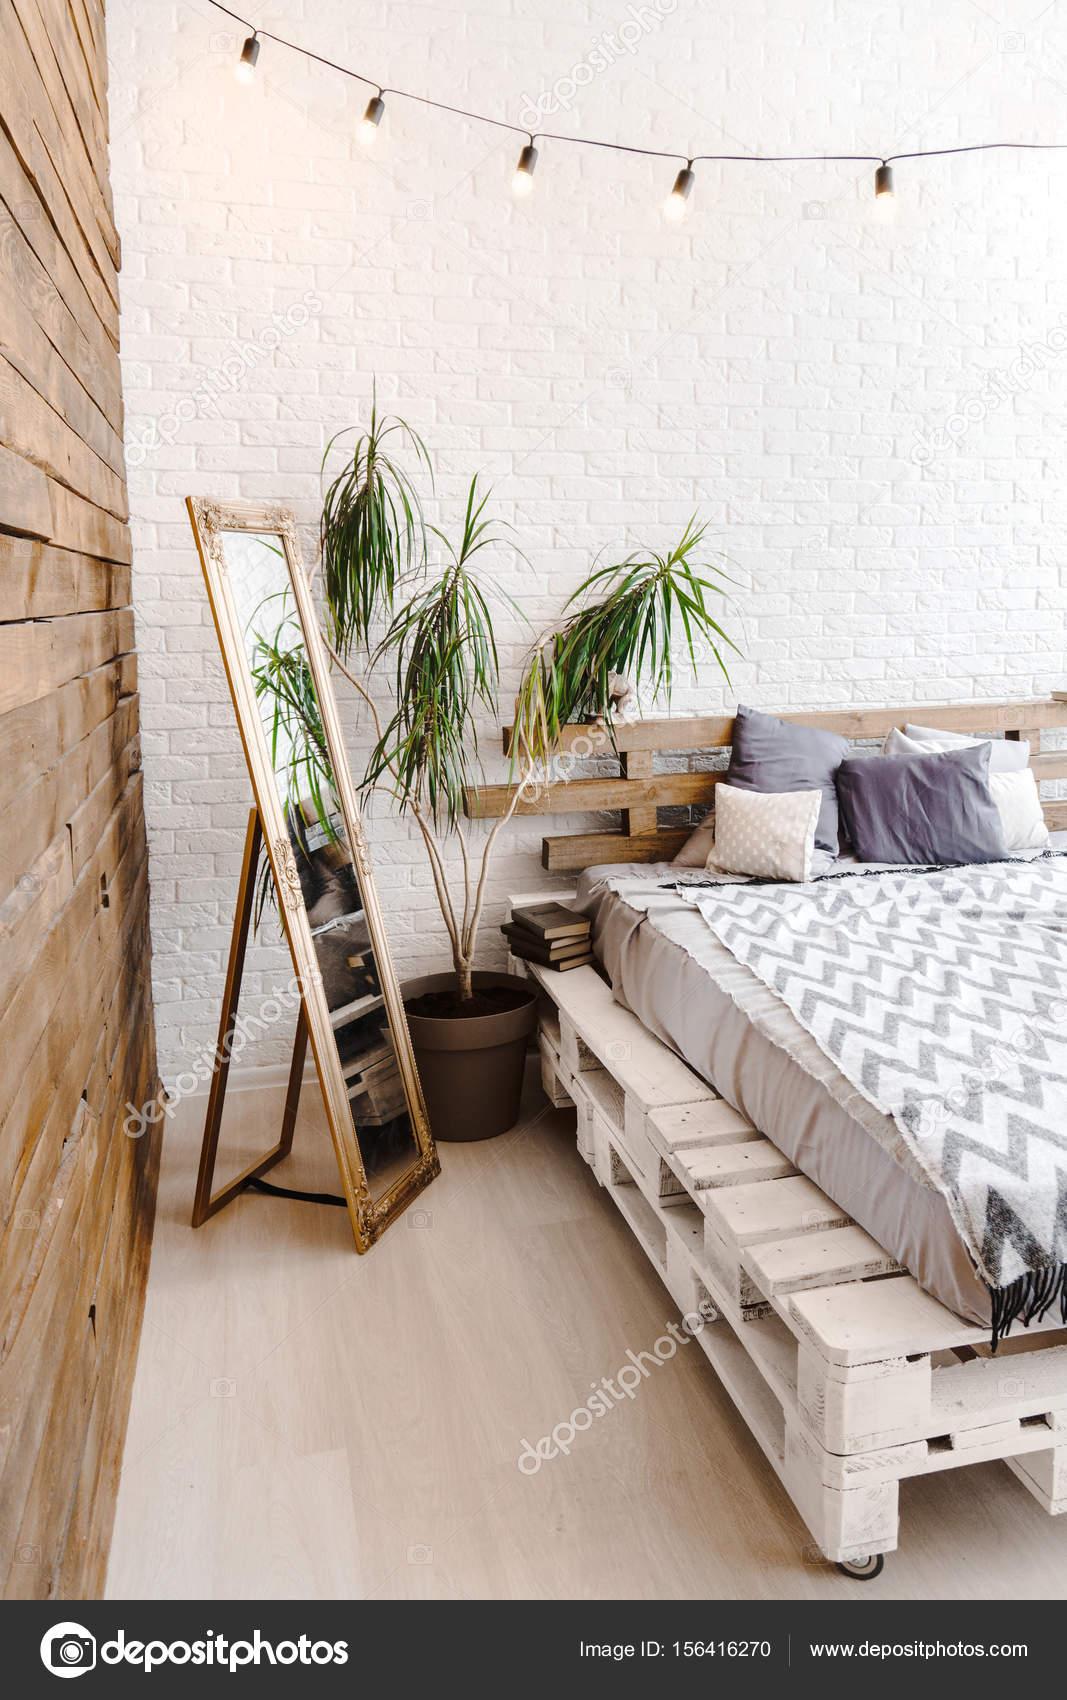 kreativstudio weißen innenraum mit paletten-bett, spiegel und lampen